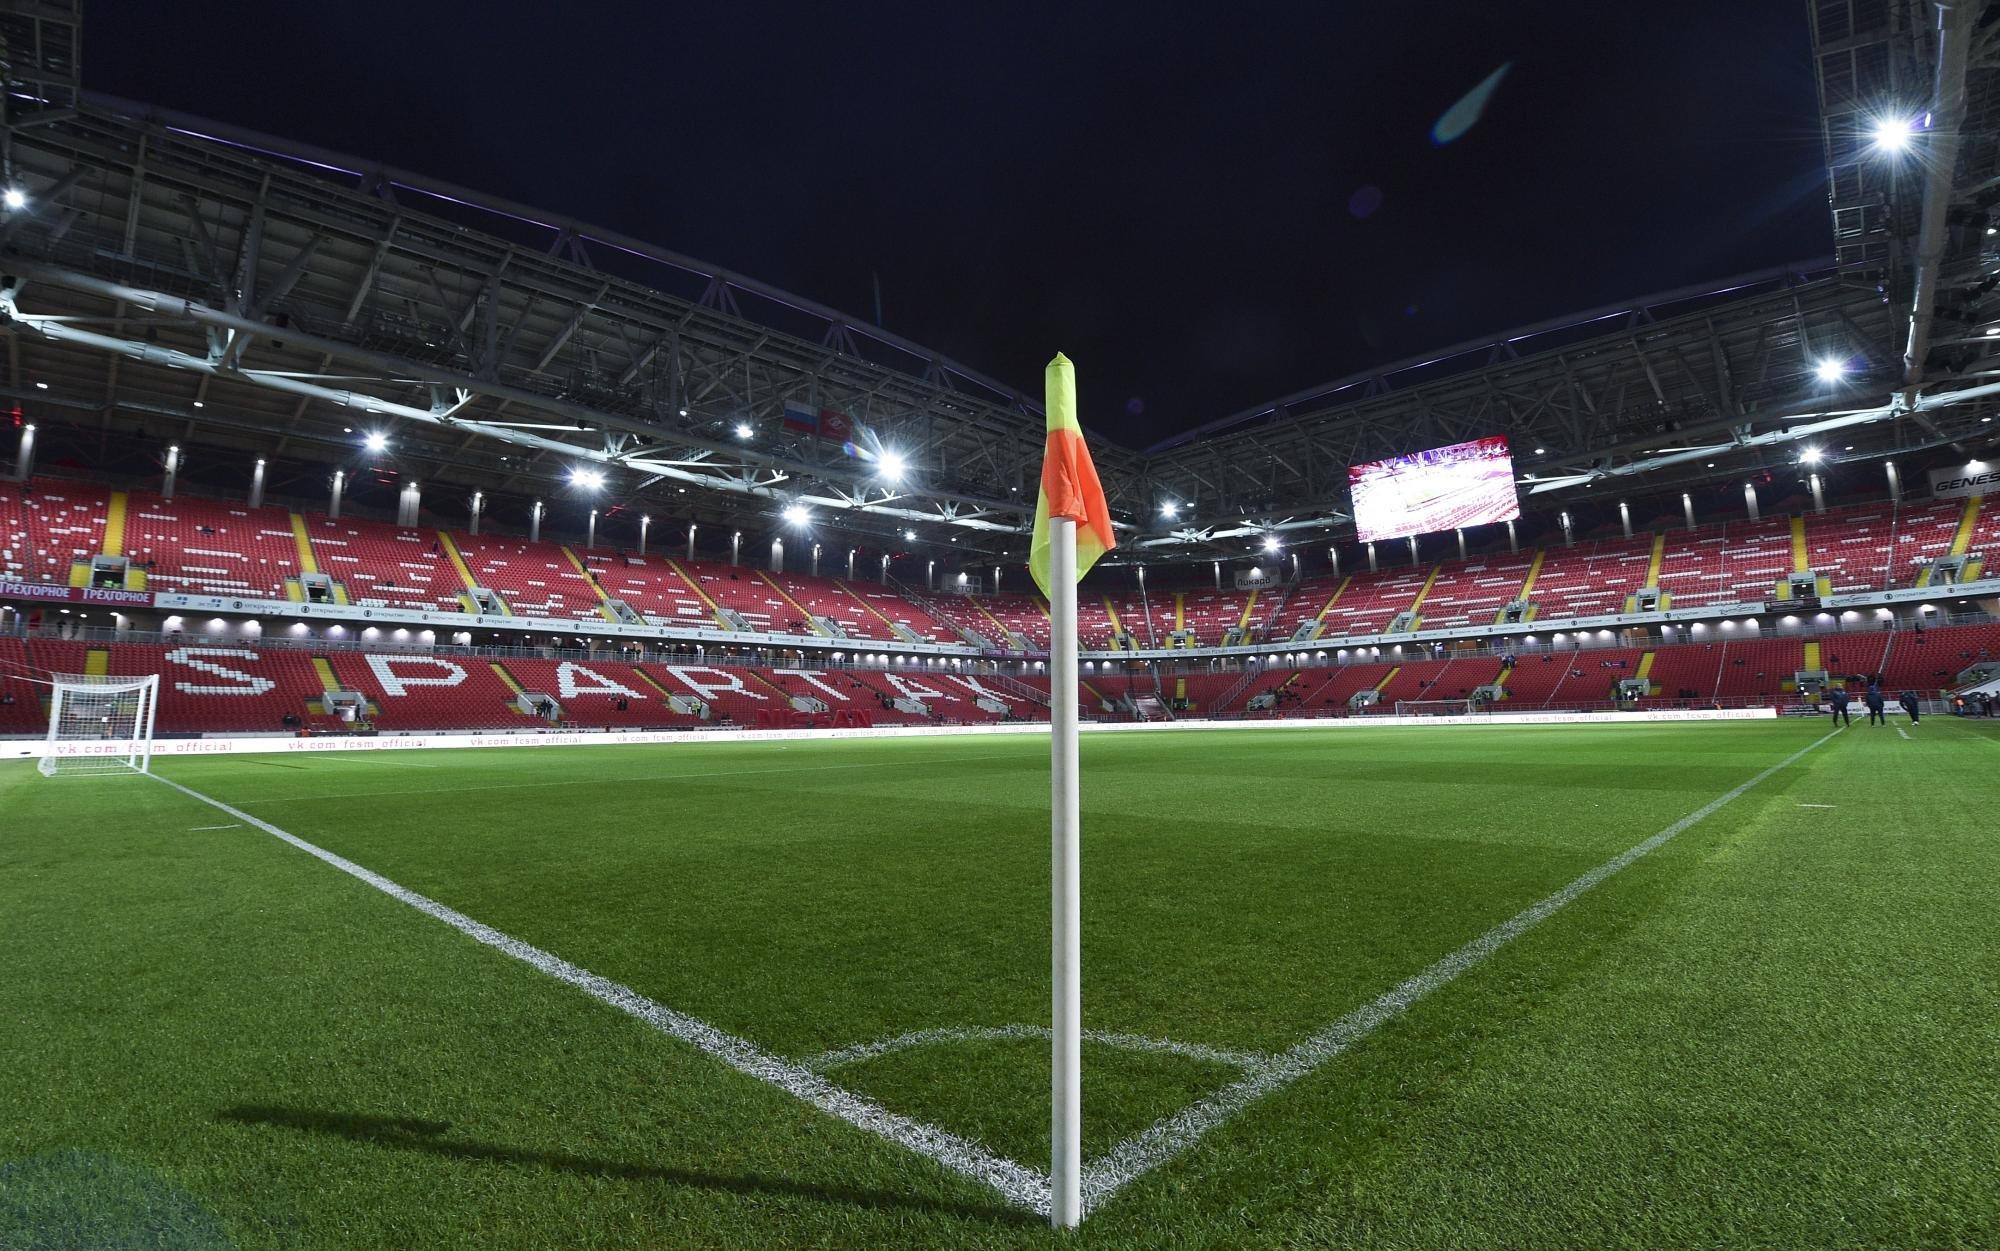 МВД рекомендовало запретить реализацию алкоголя устадионов вовремя Кубка конфедераций